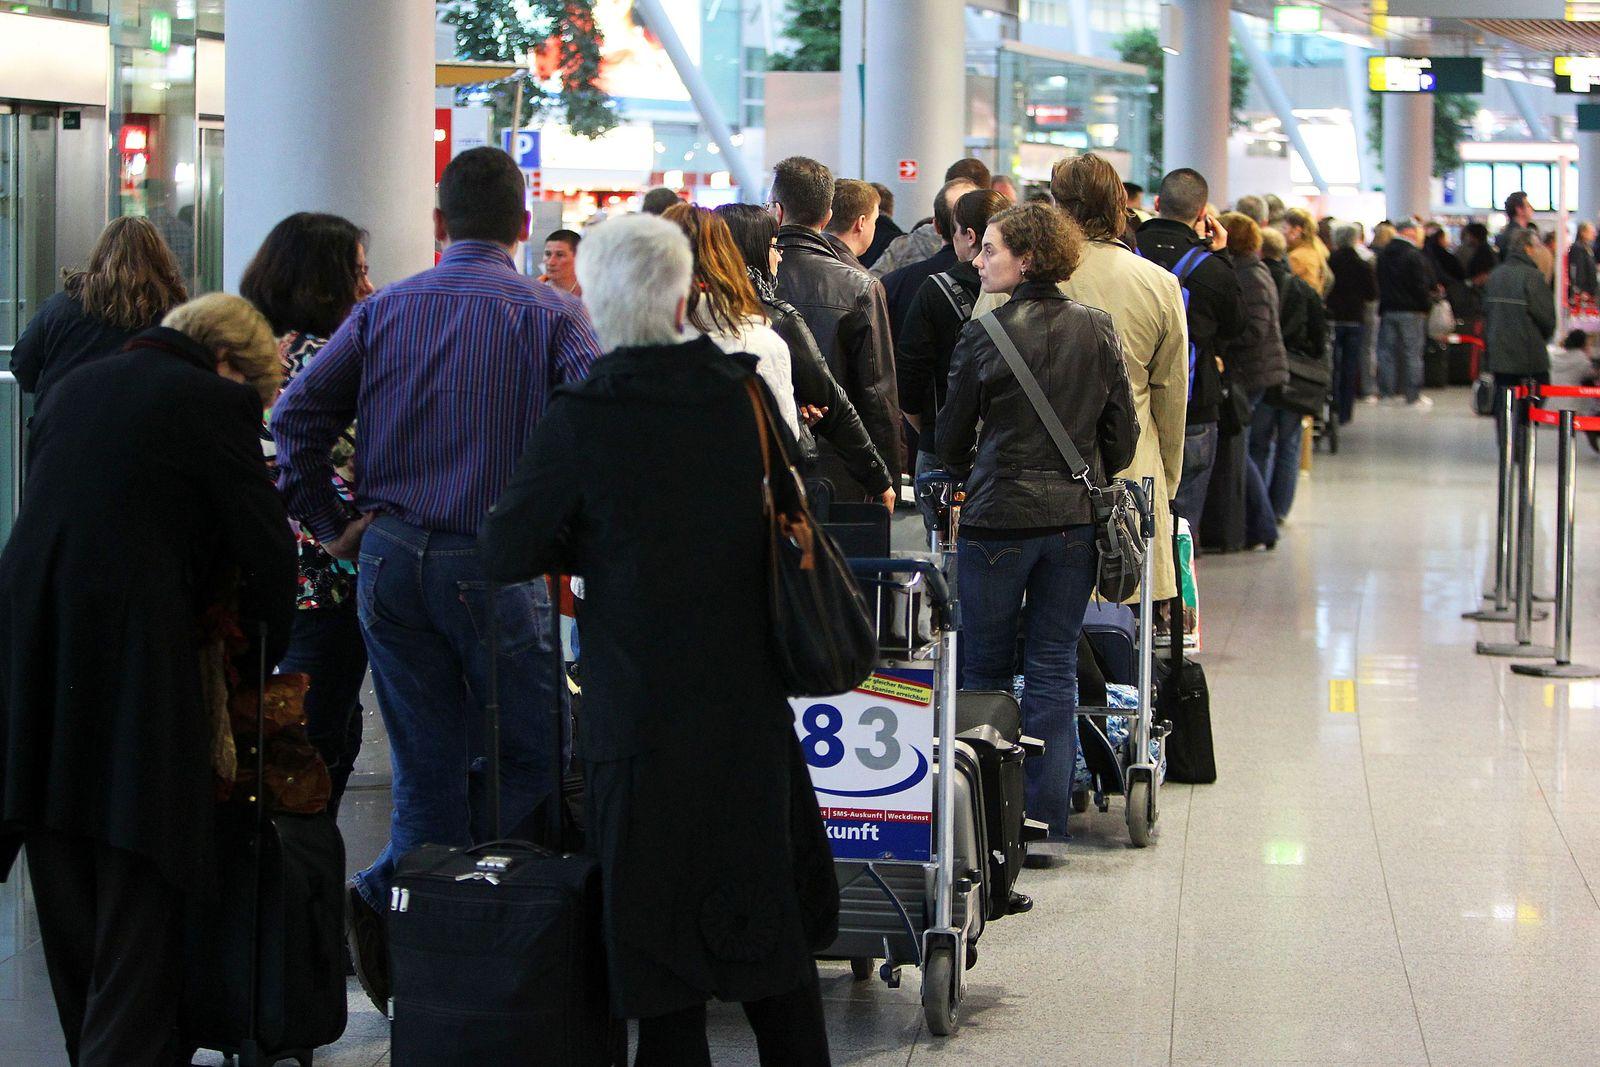 Flughafen / Verspätung / Warten